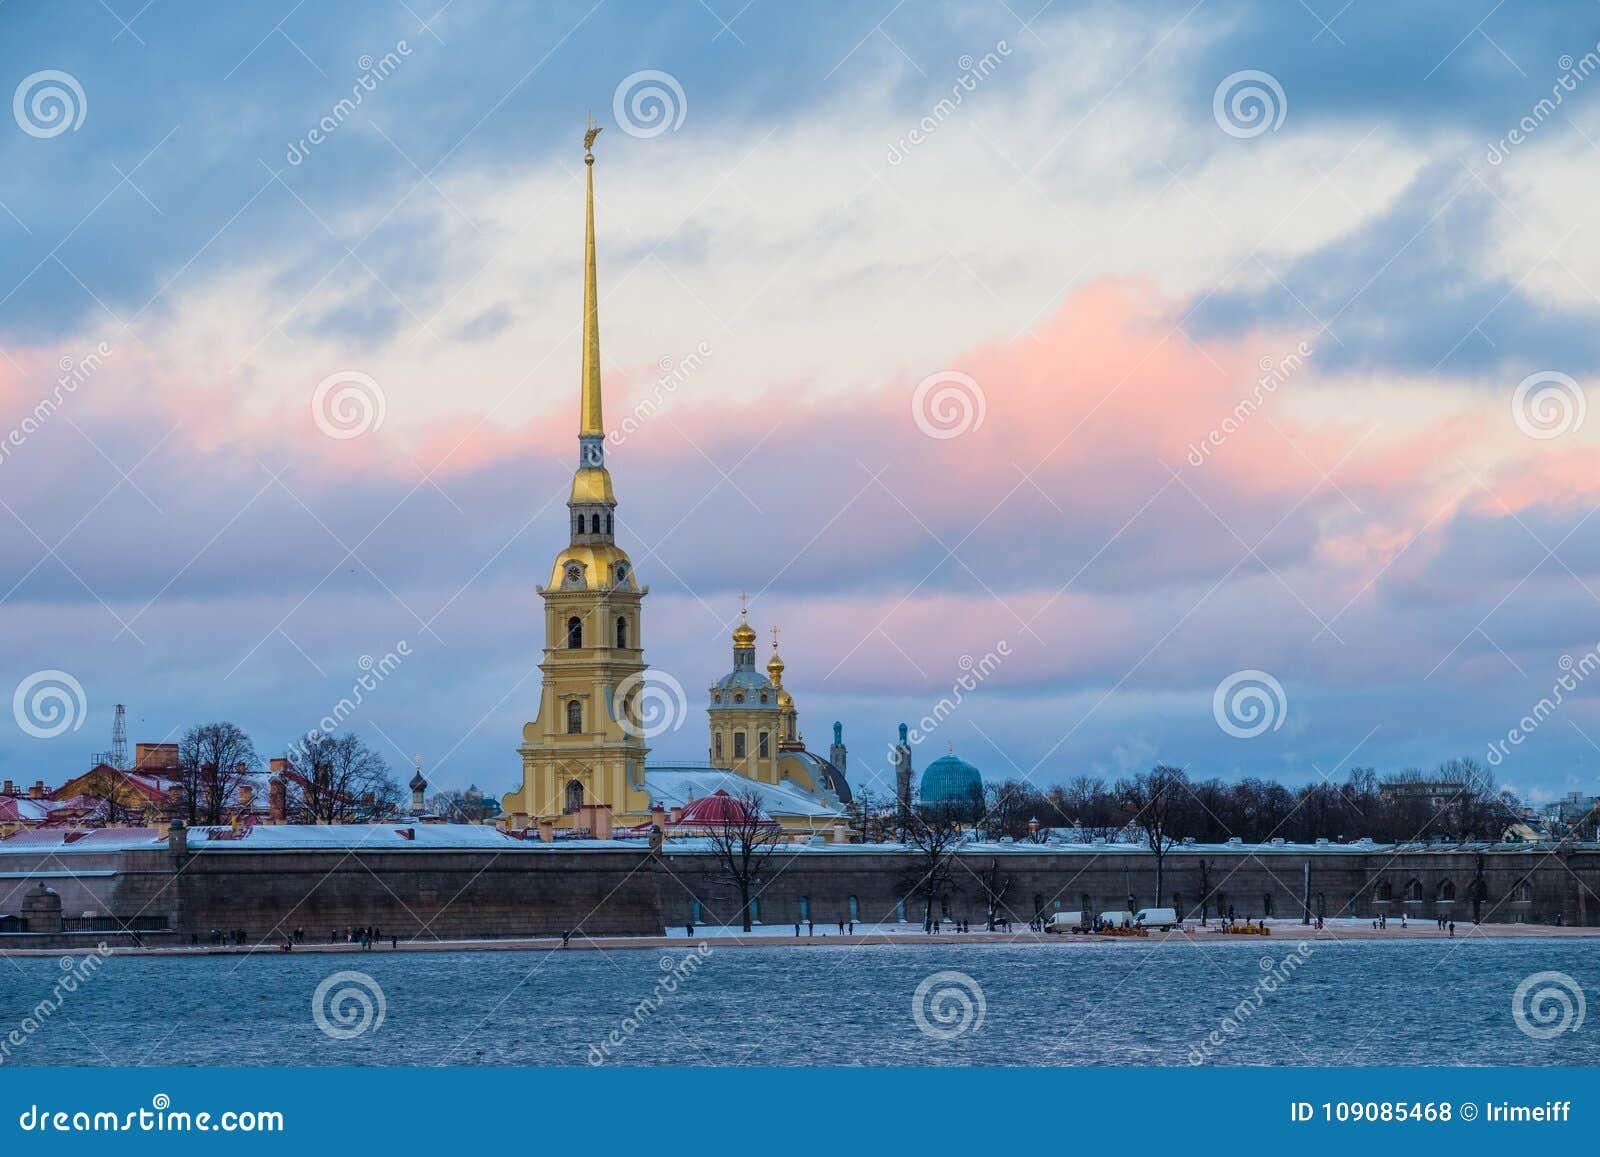 Sankt-Peterburg de winterlandschap